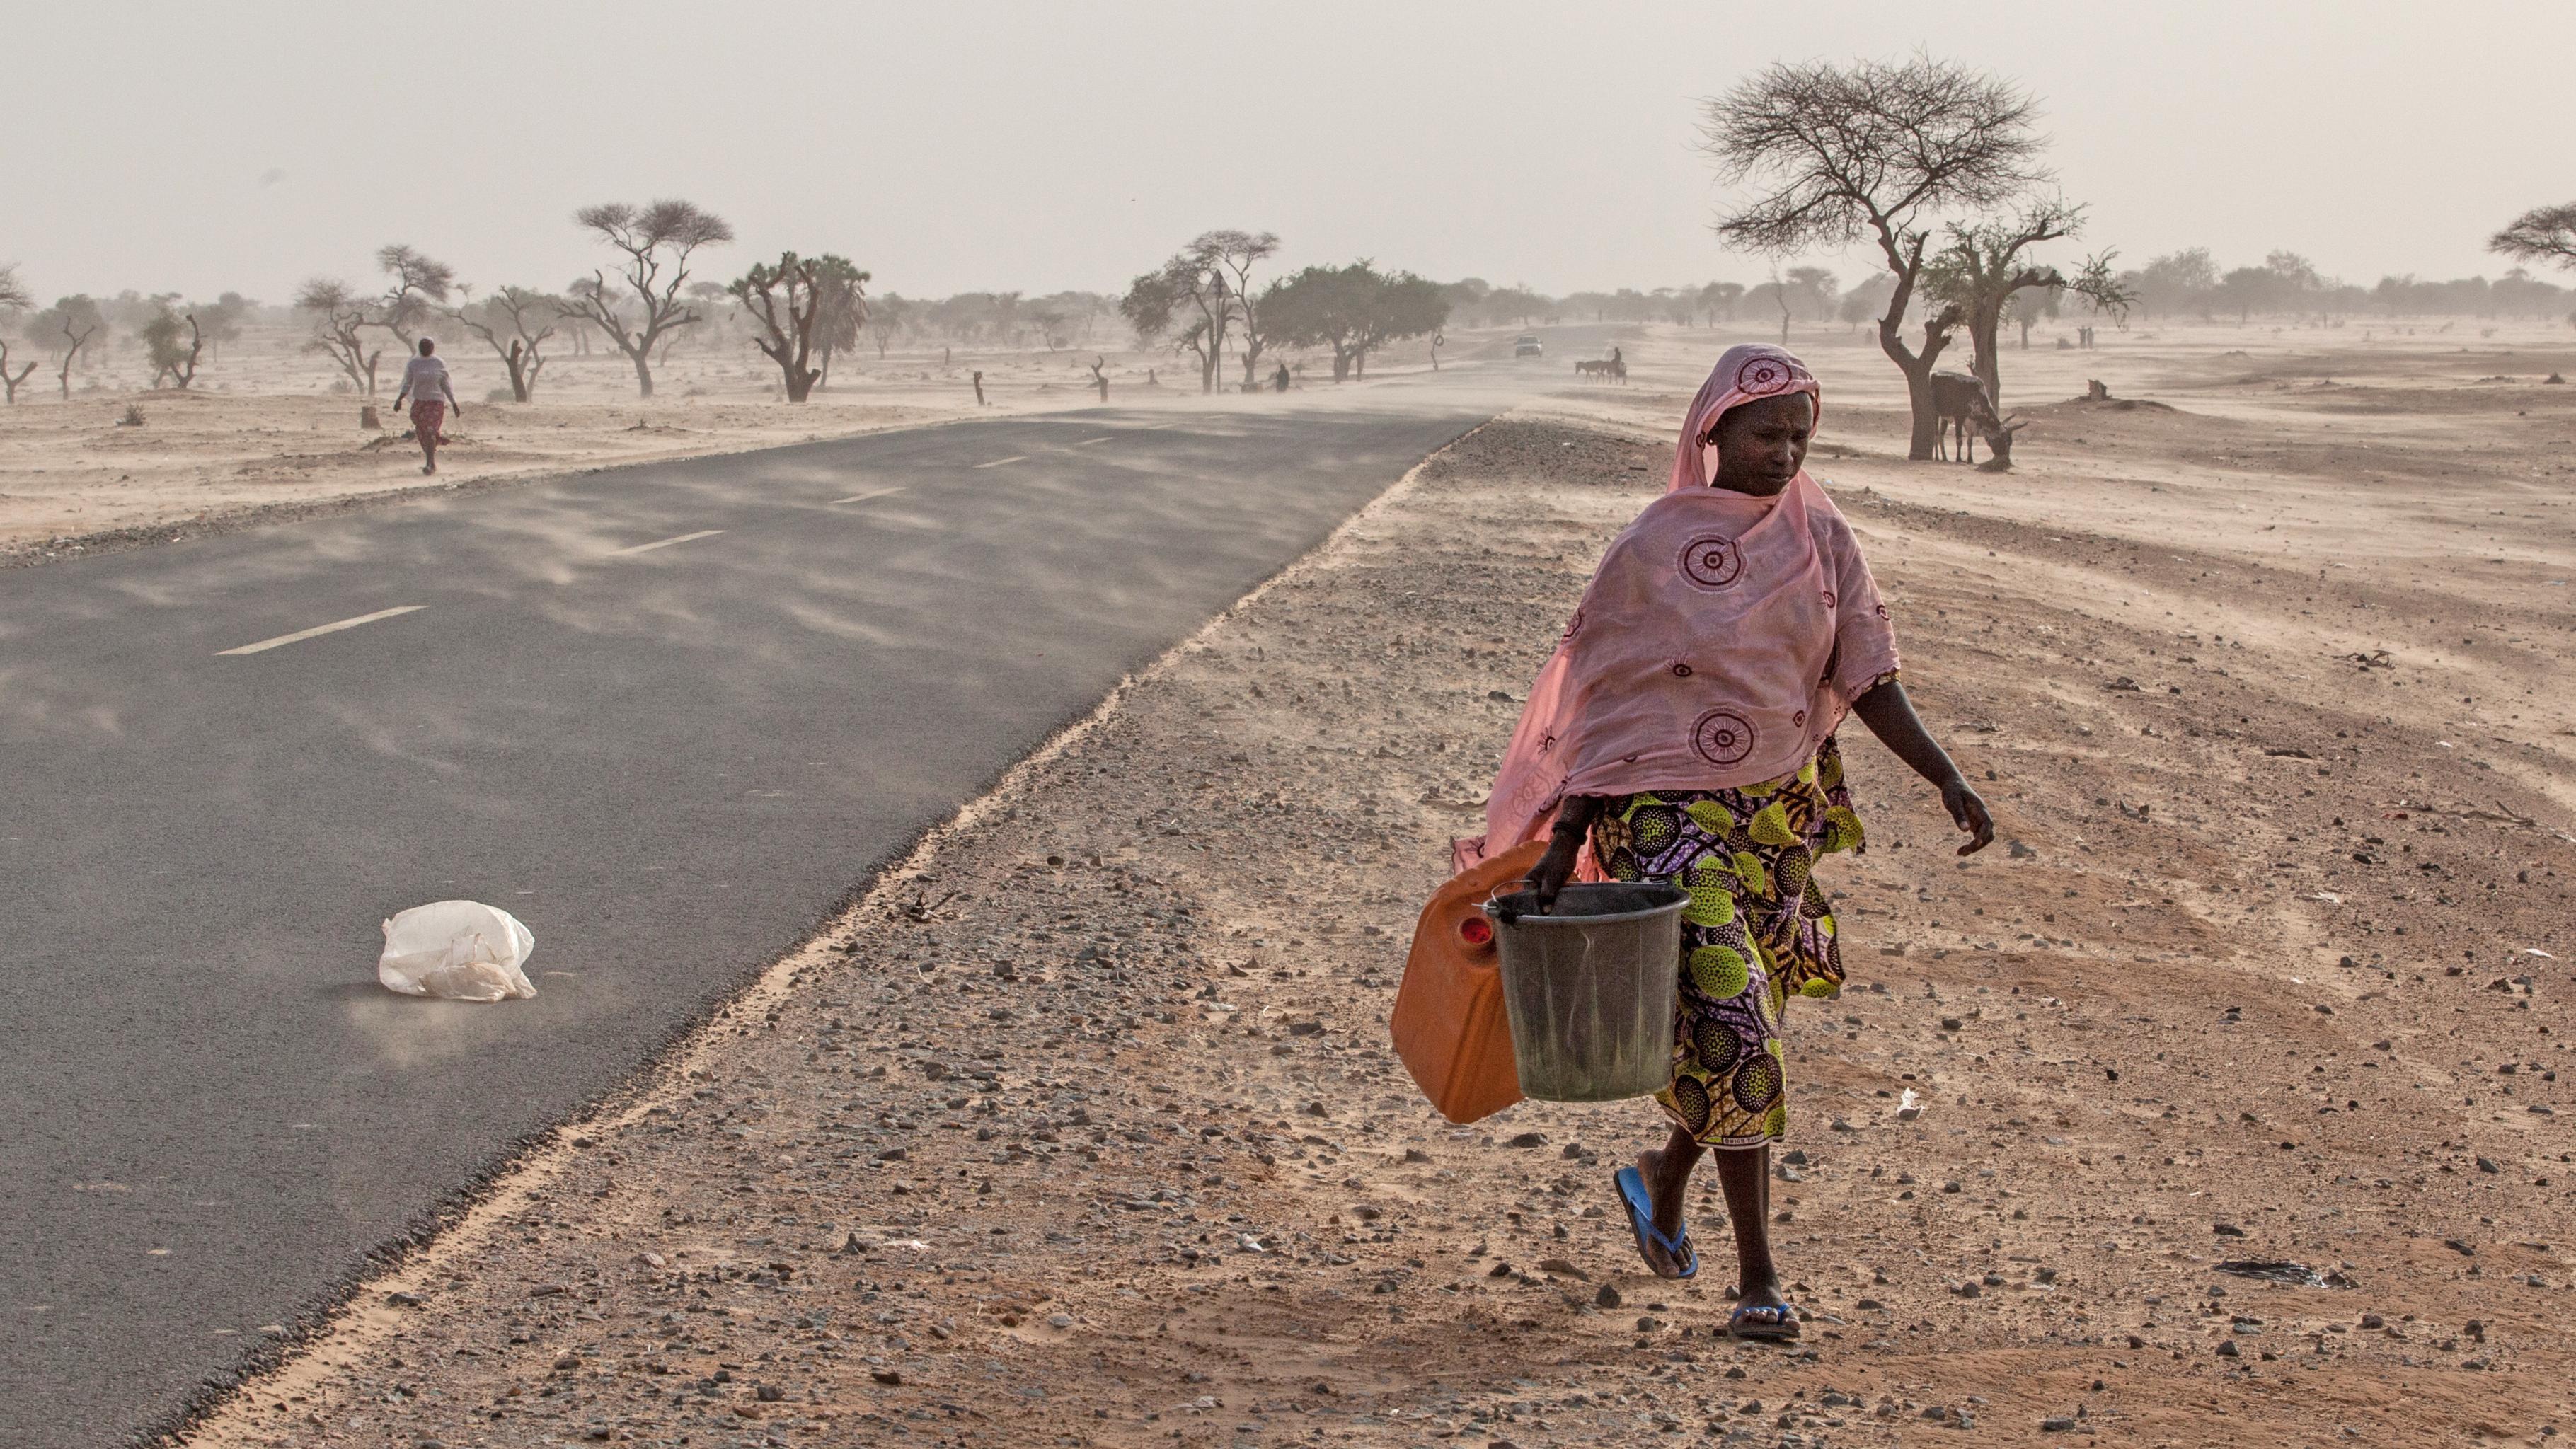 Niger: Frau auf dem Weg zum Brunnen